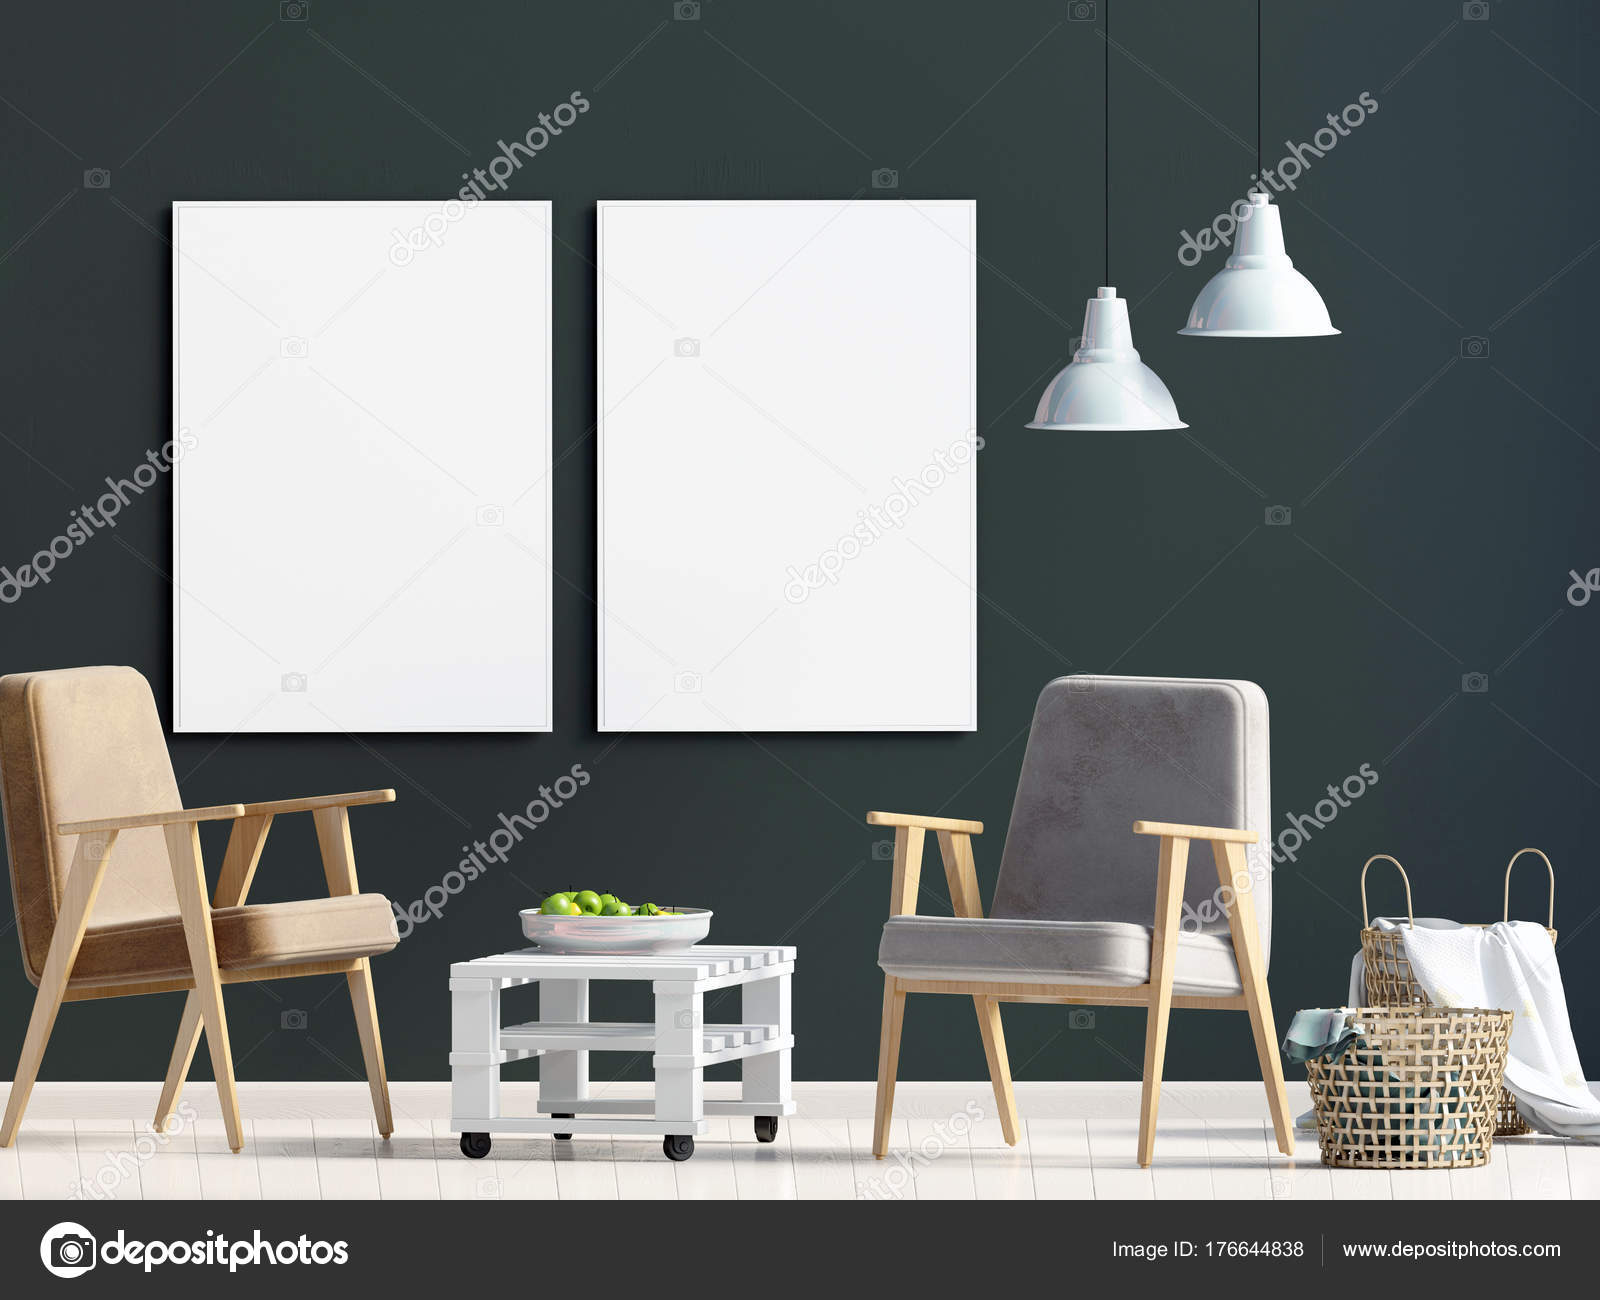 Modernes interieur mit stuhl mock up posterl d illustration